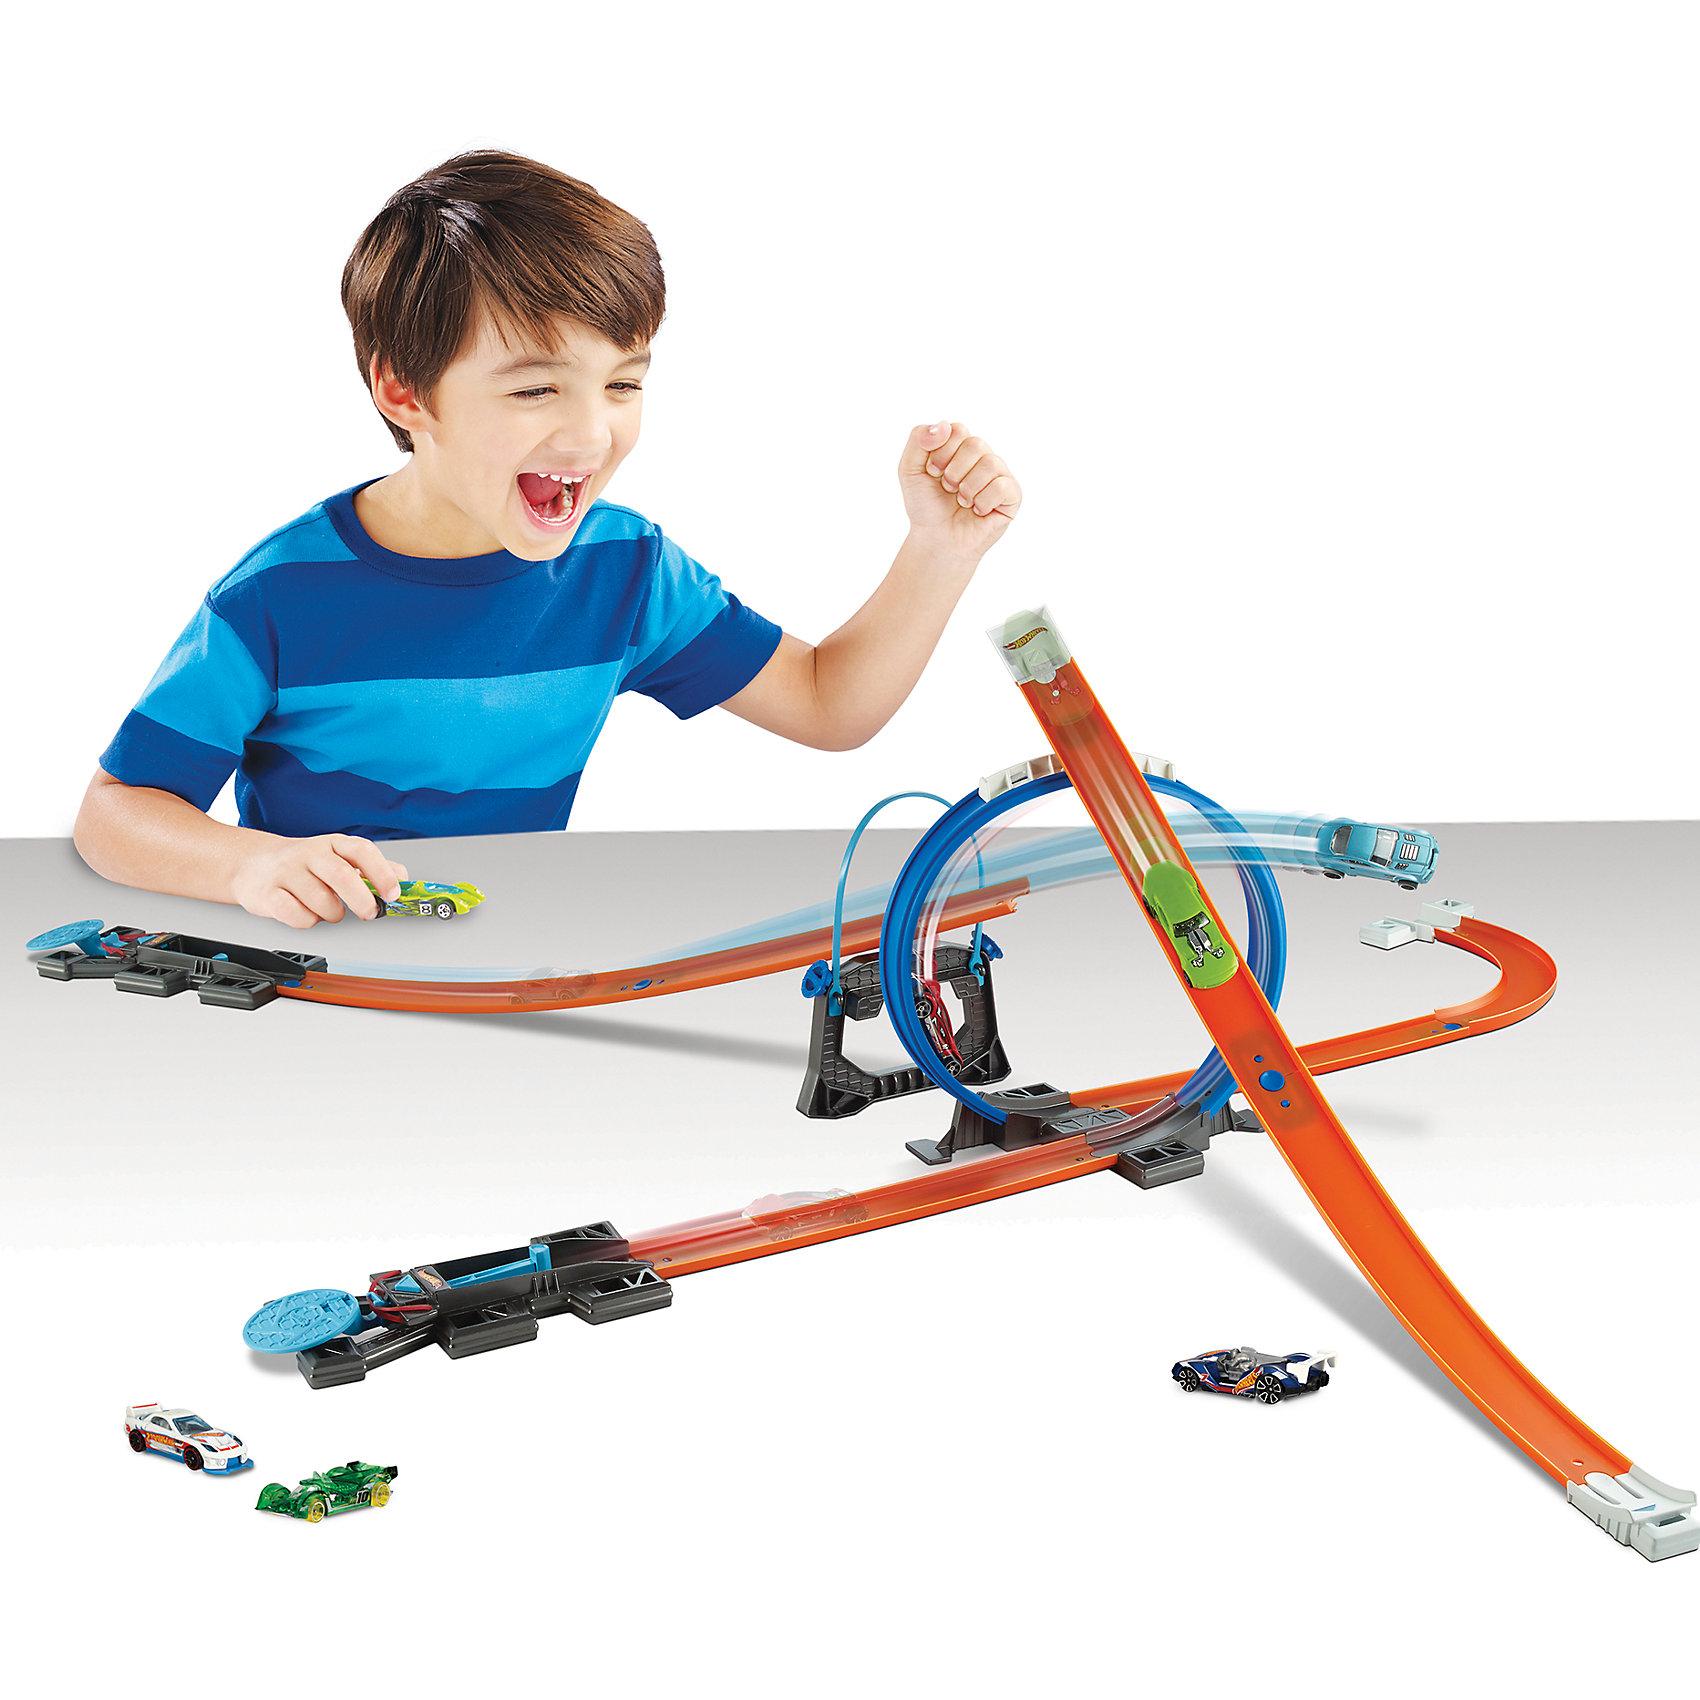 ����������� �����: ��������� ����� Hot Wheels (Mattel)